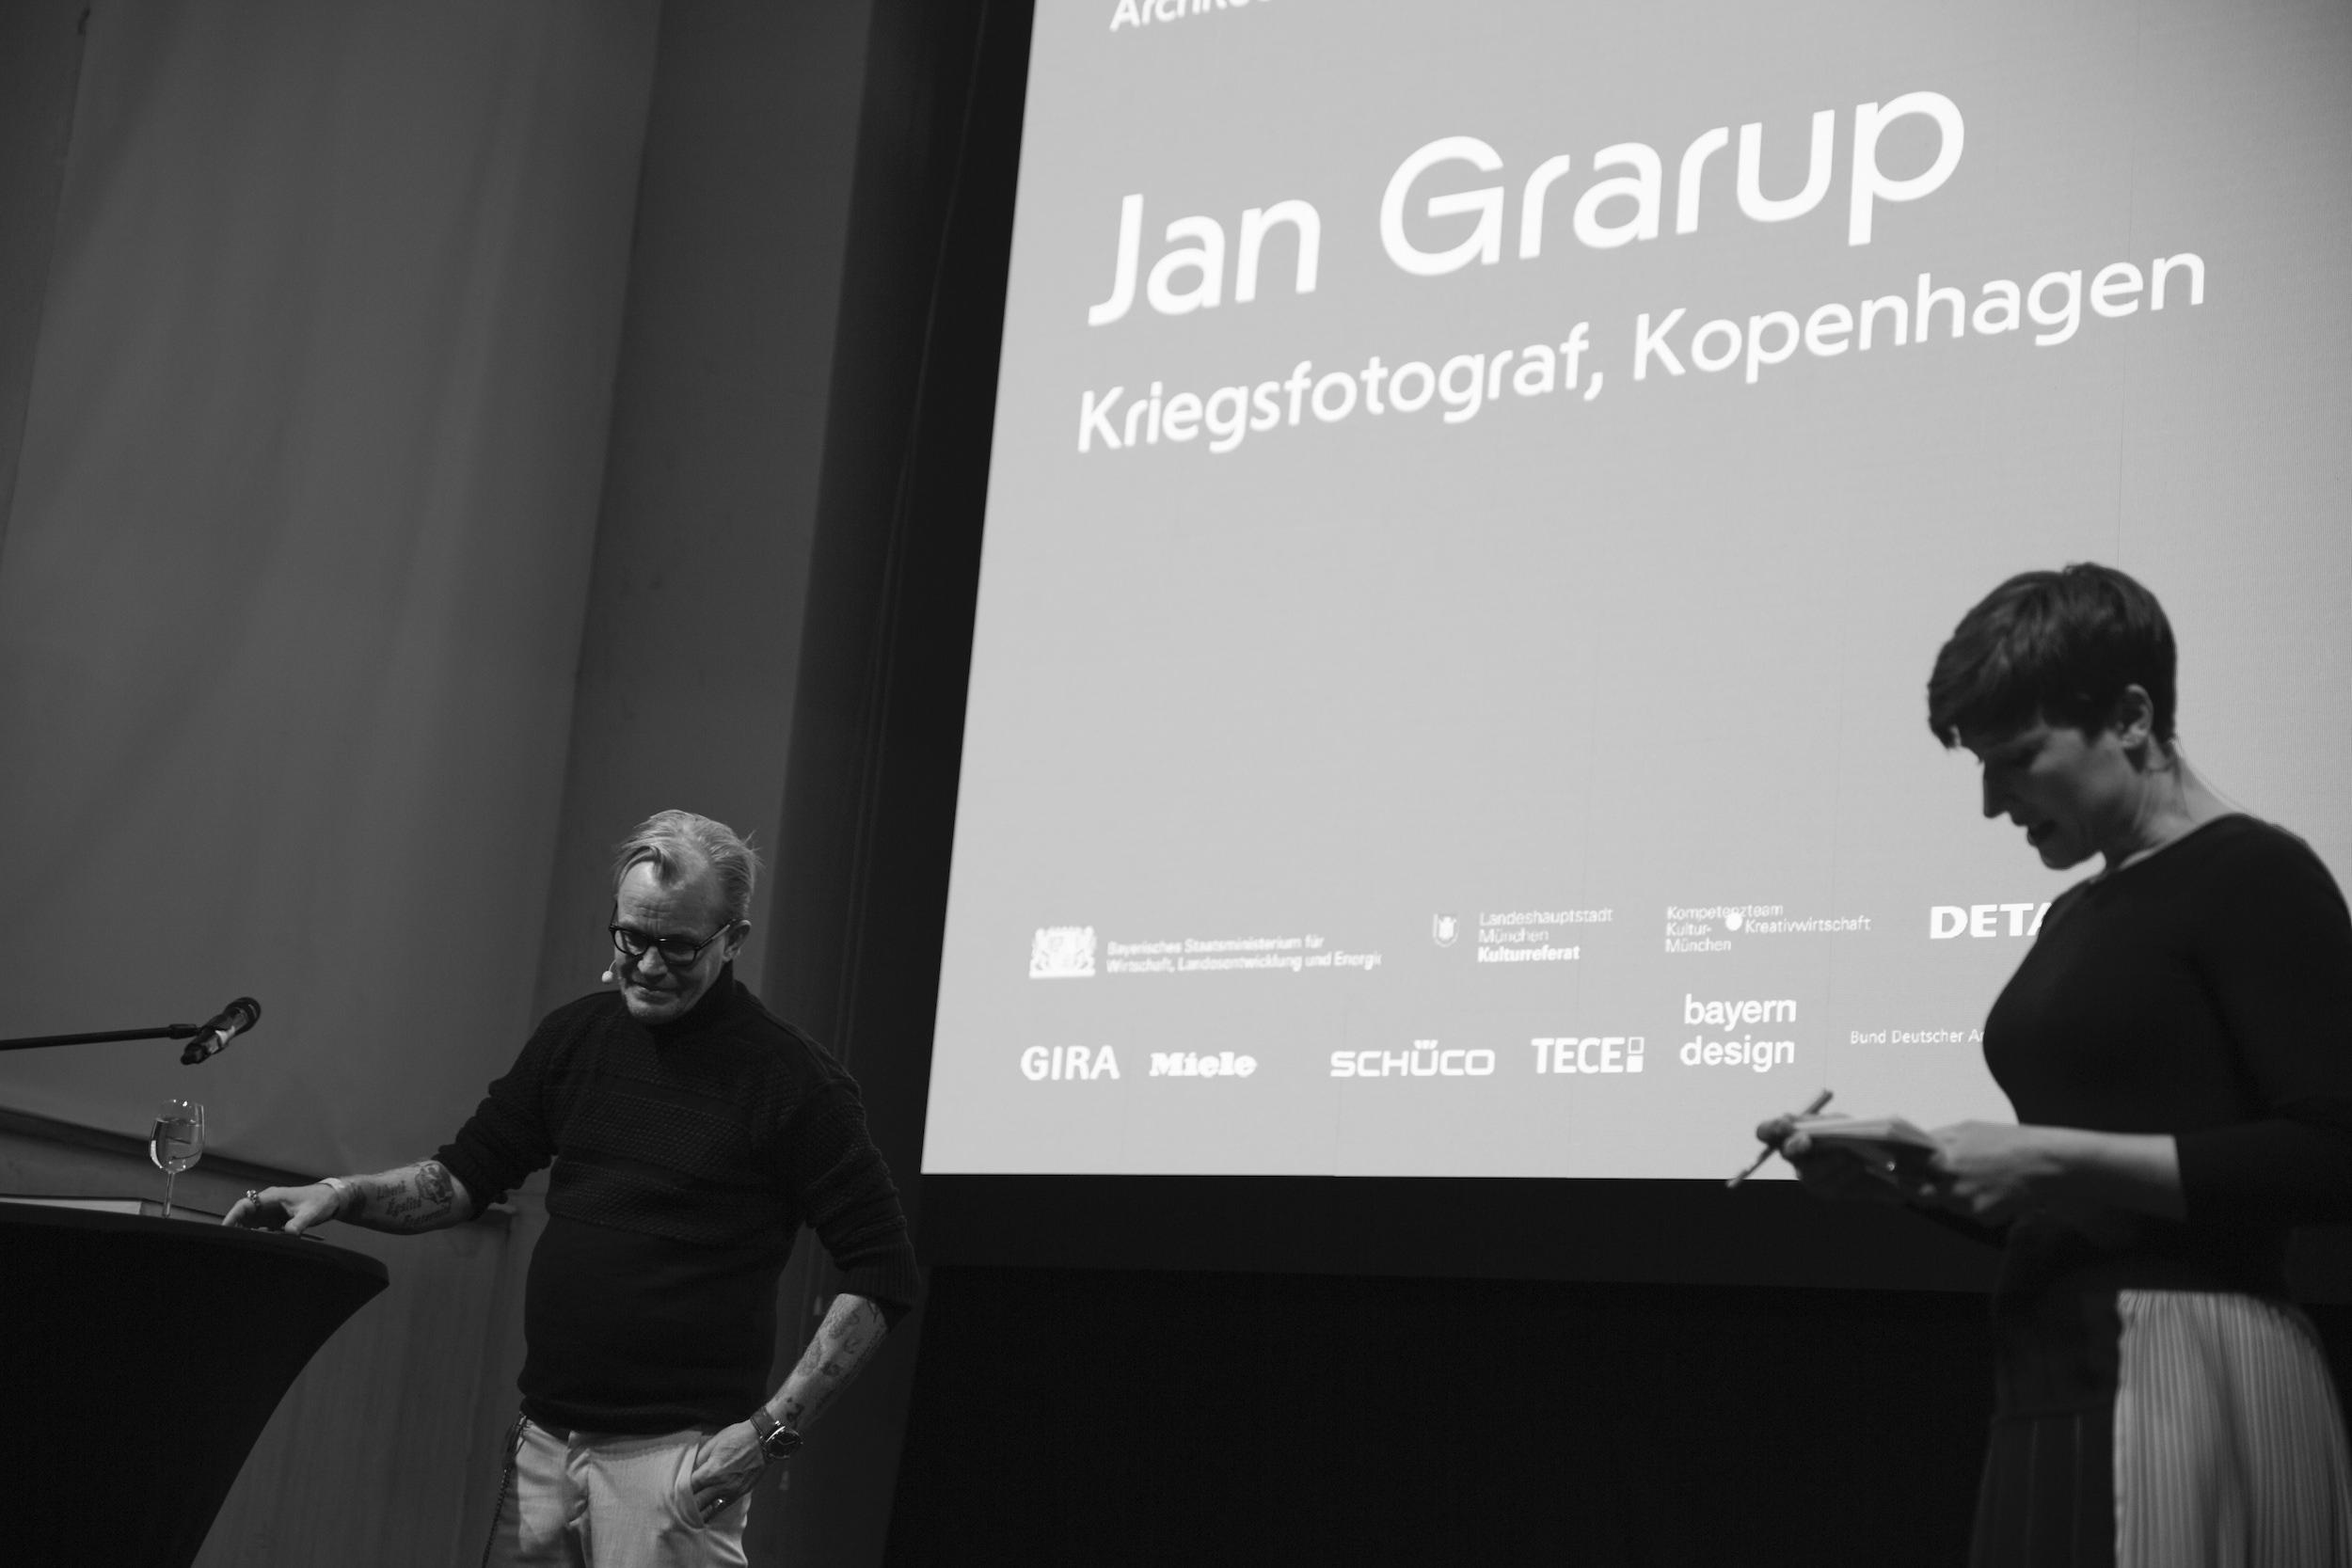 Jan Garup, Architecture Matters Konferenz 2019 in der Alten Akademie München